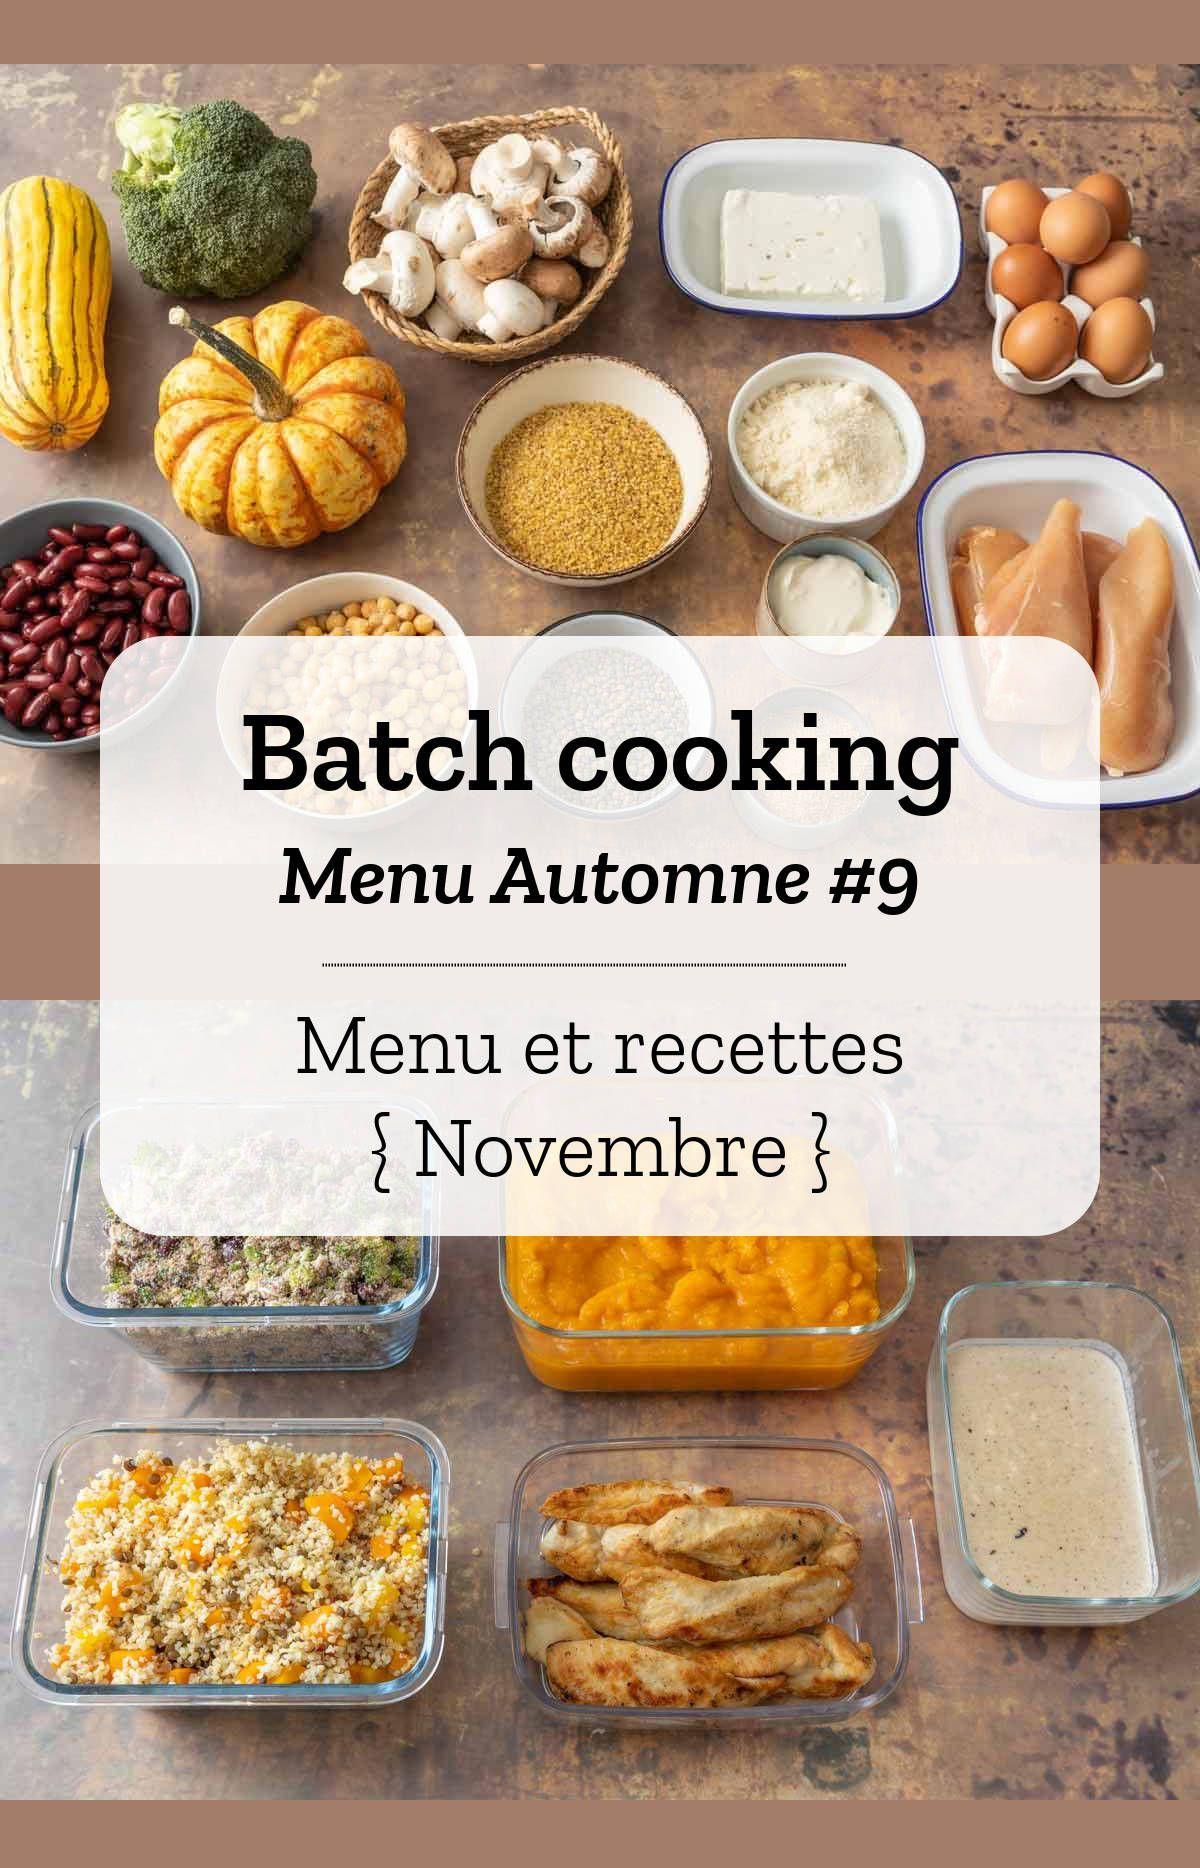 Batch Kochen Herbst # 9 - Monat November - Woche 47